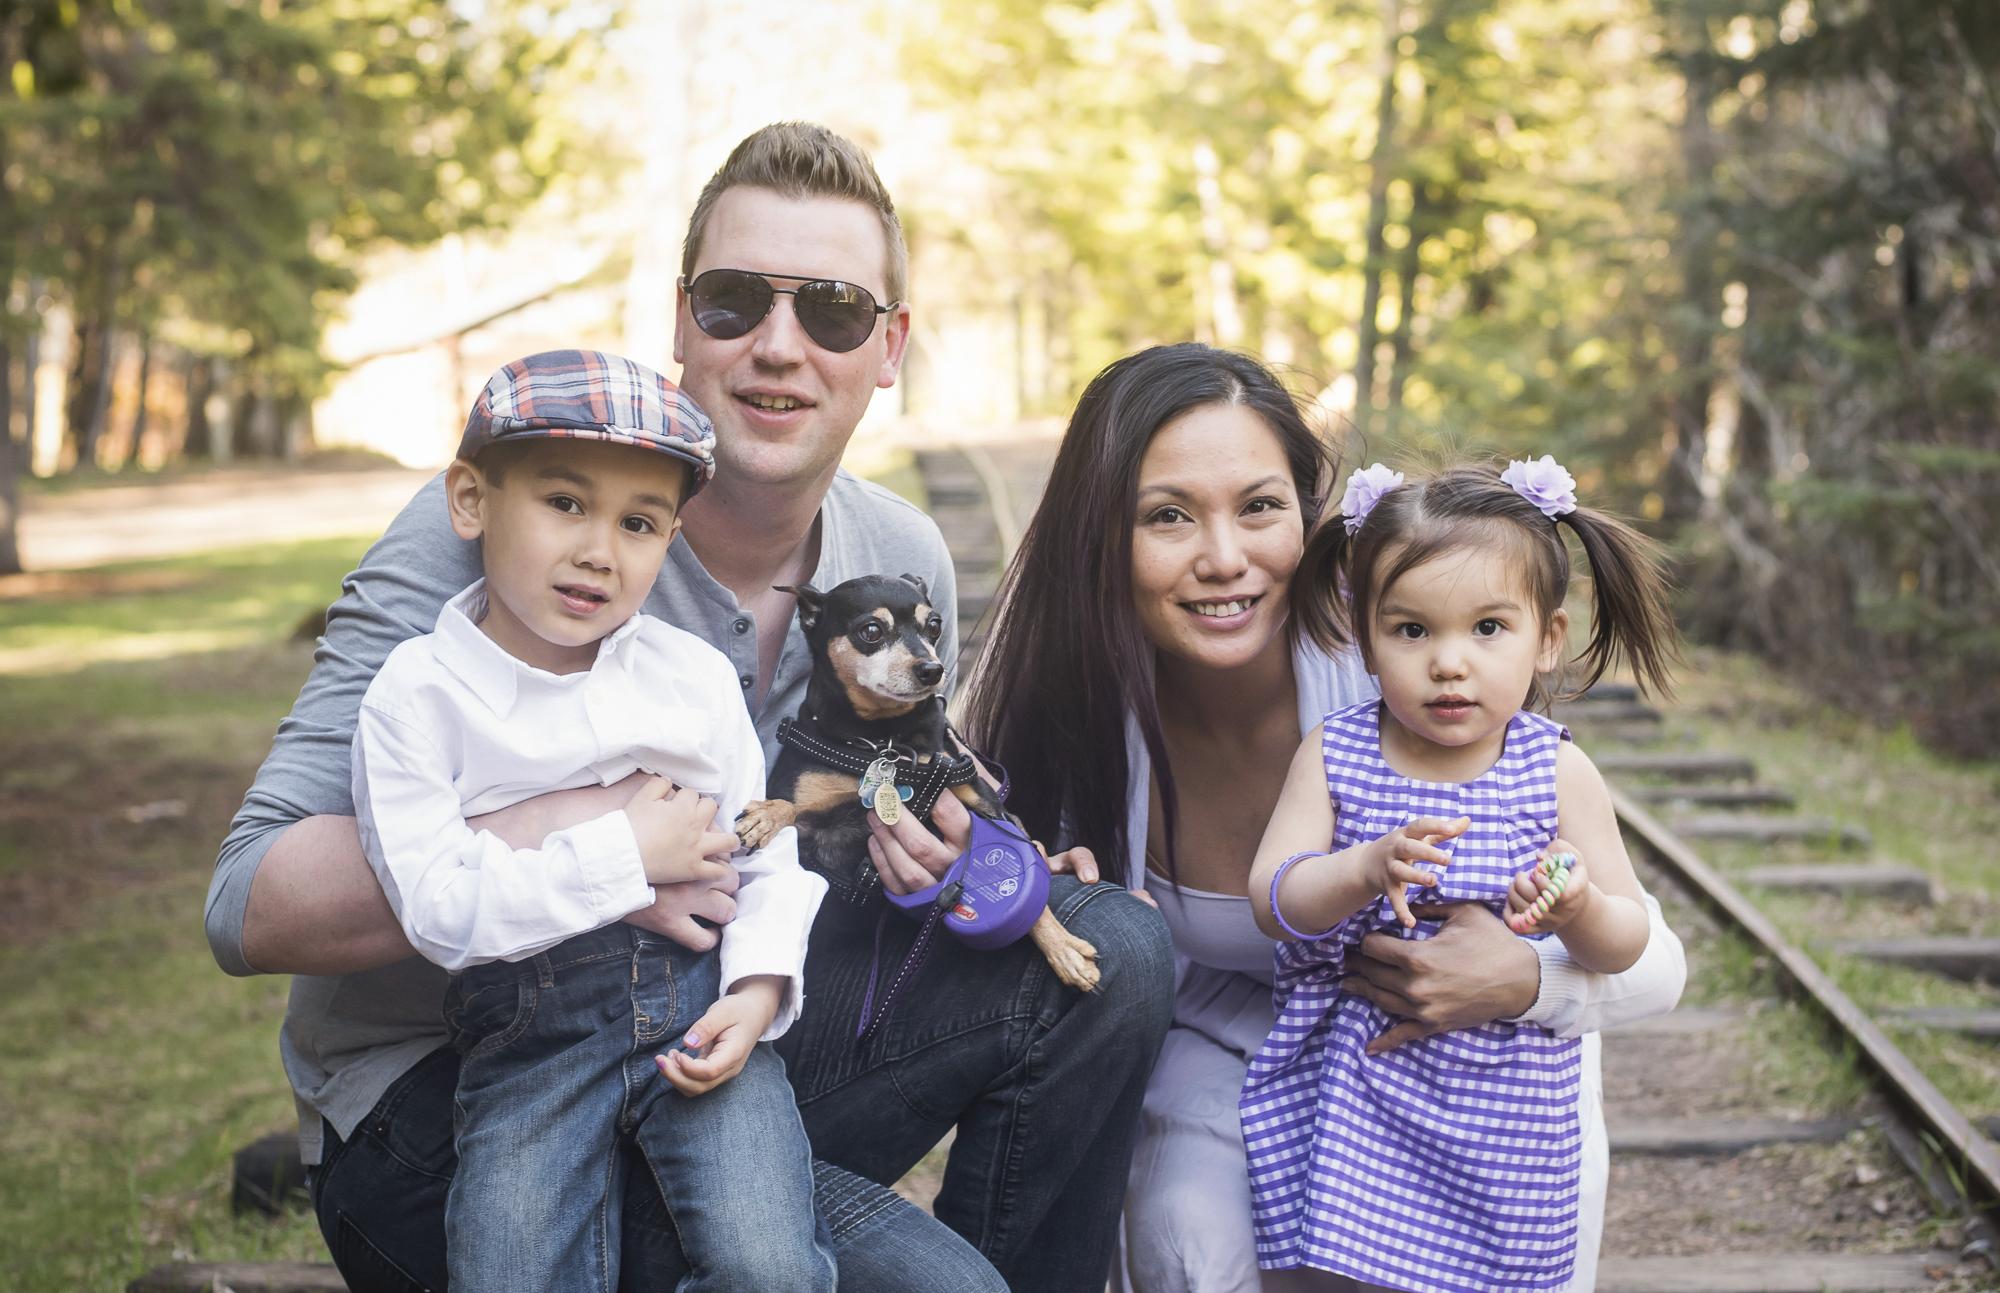 Jenn Family Mini Session Thunder Bay Dan Garrity Media